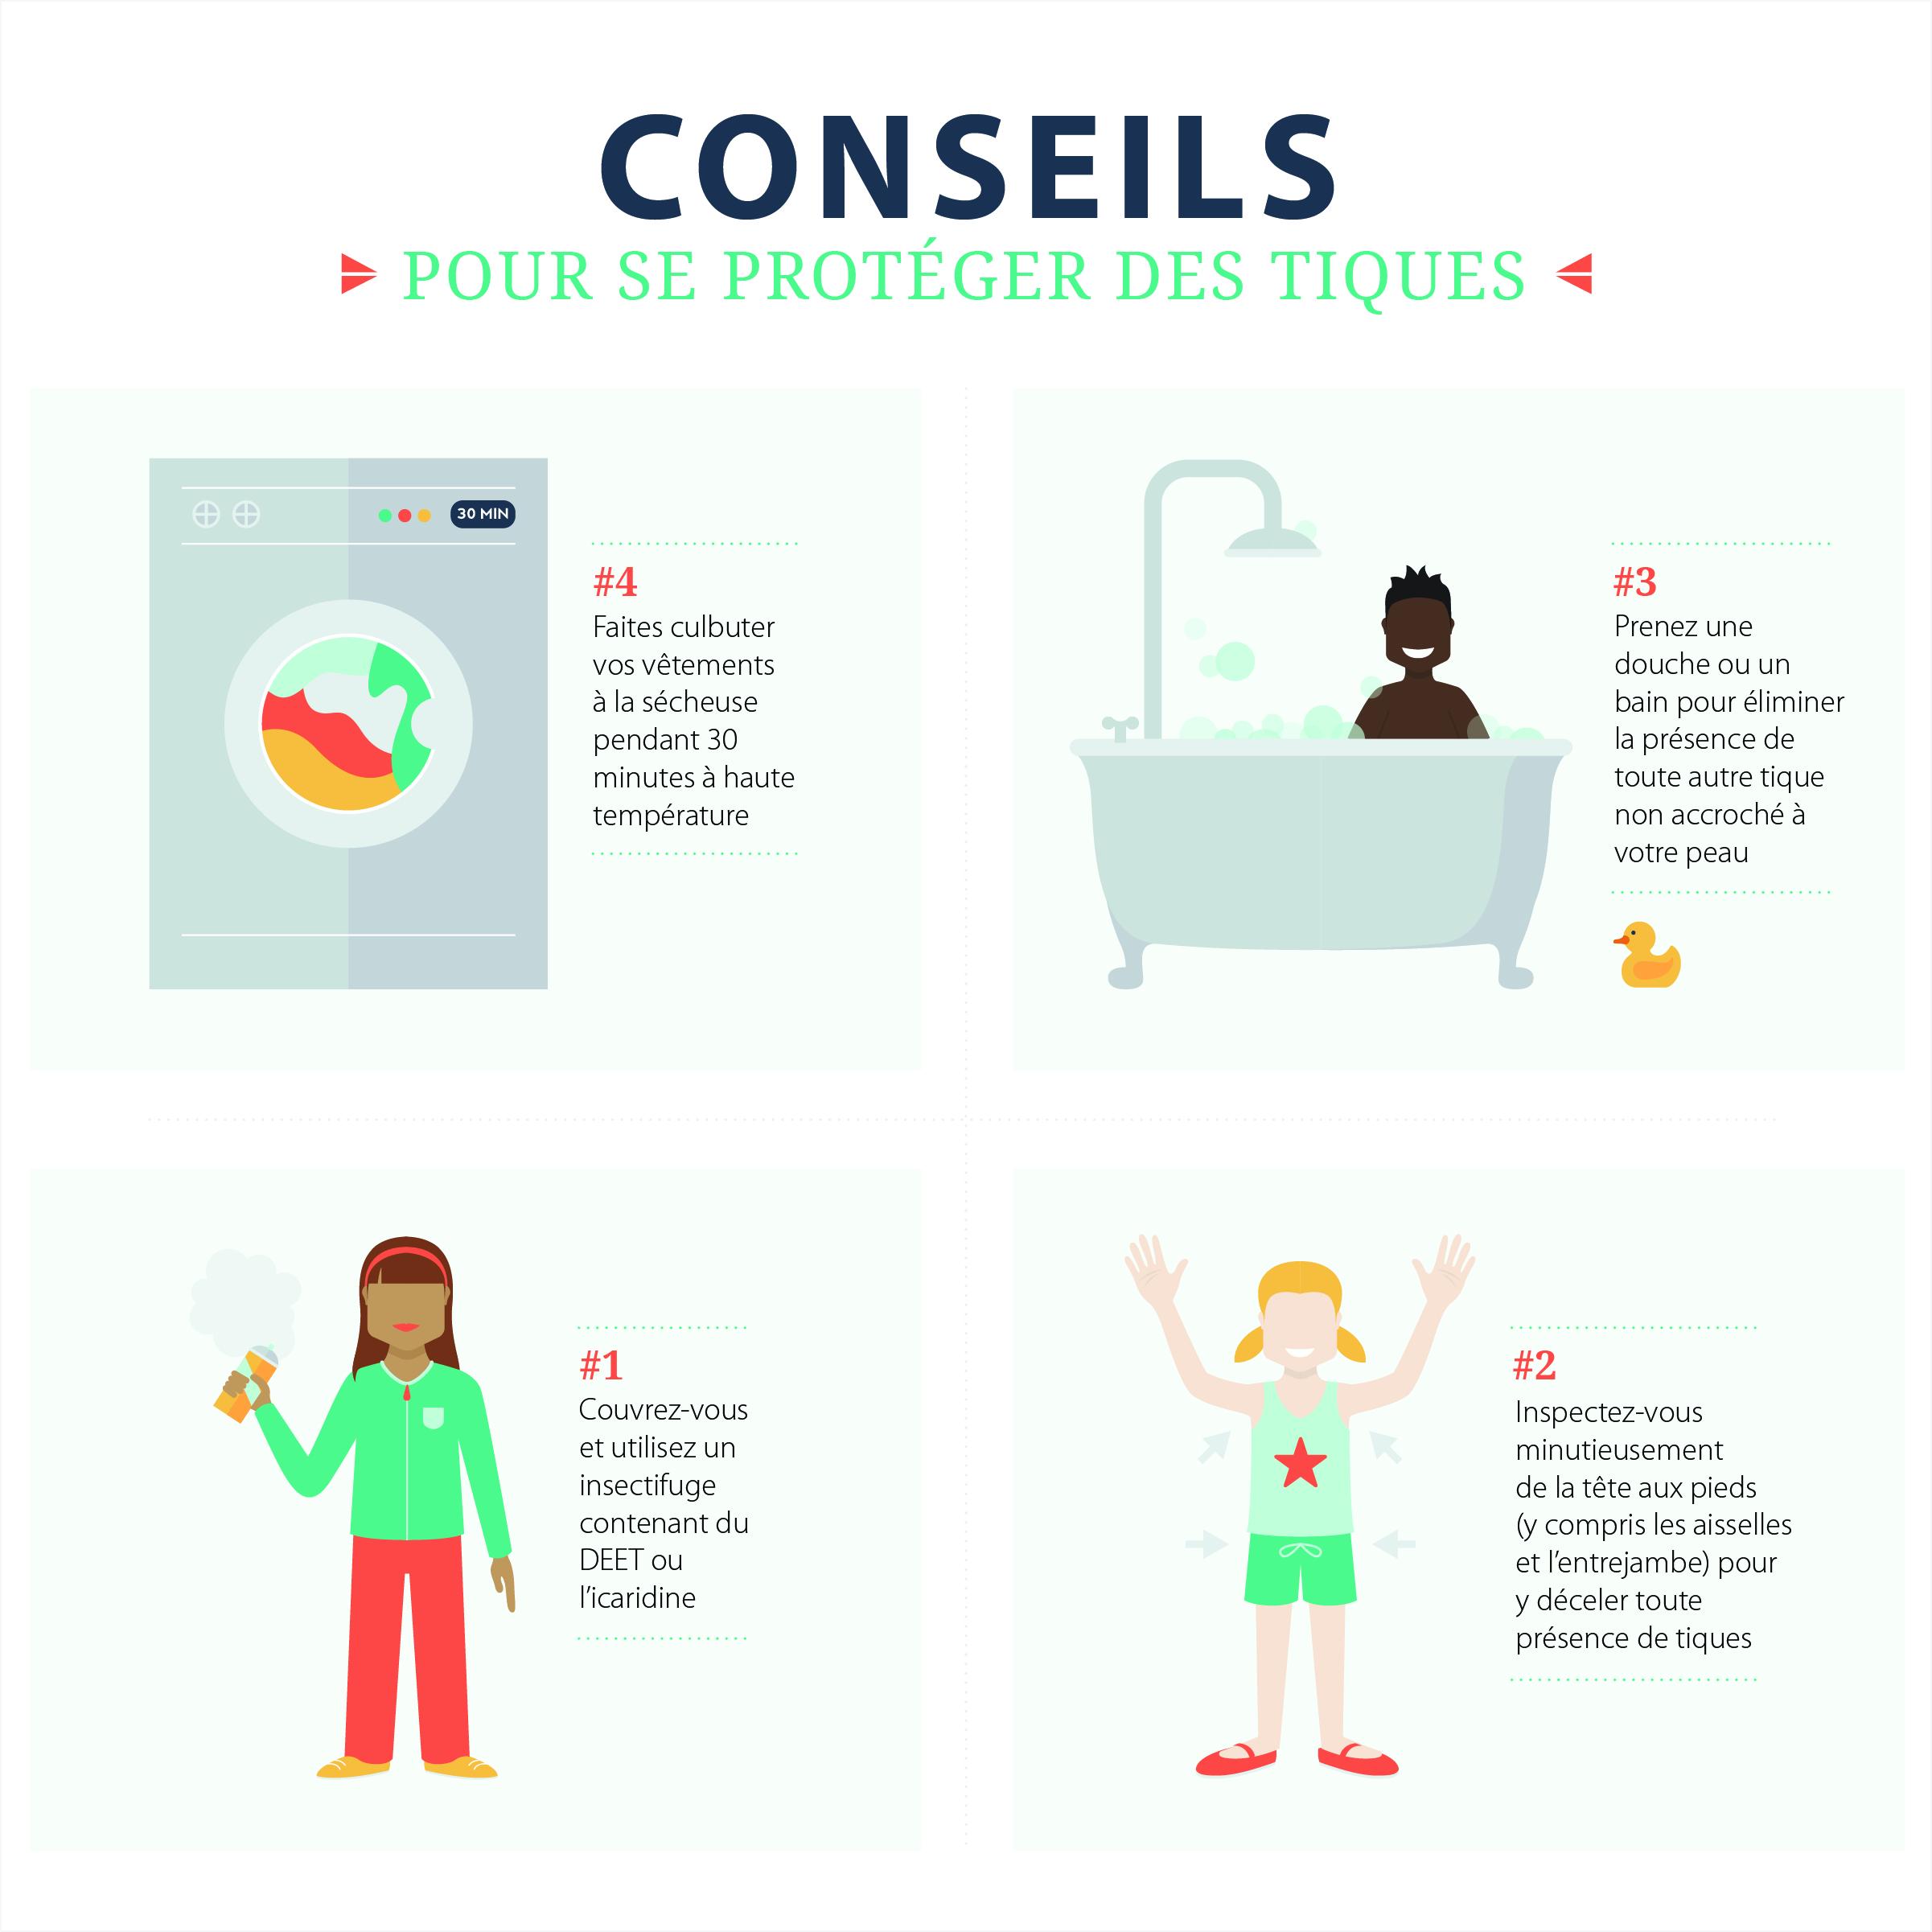 Une femme utilise un insectifuge, vérifie sont corps pour des tiques, un homme prend un bain pour enlever les tiques non attachées au corps et une sécheuse sèche du linge